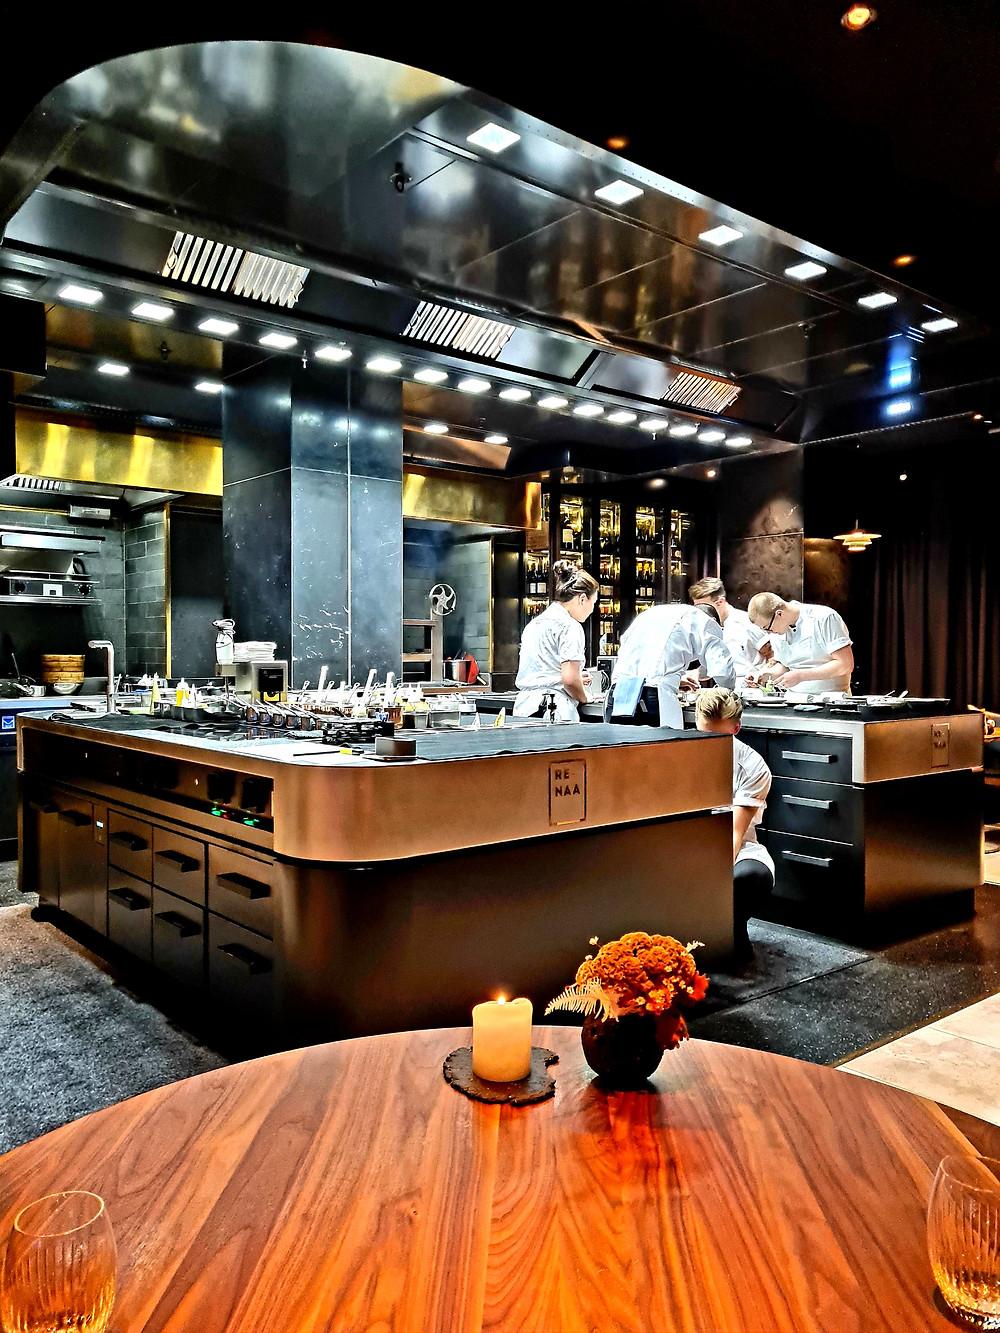 kitchen renaa gourmet michelin table